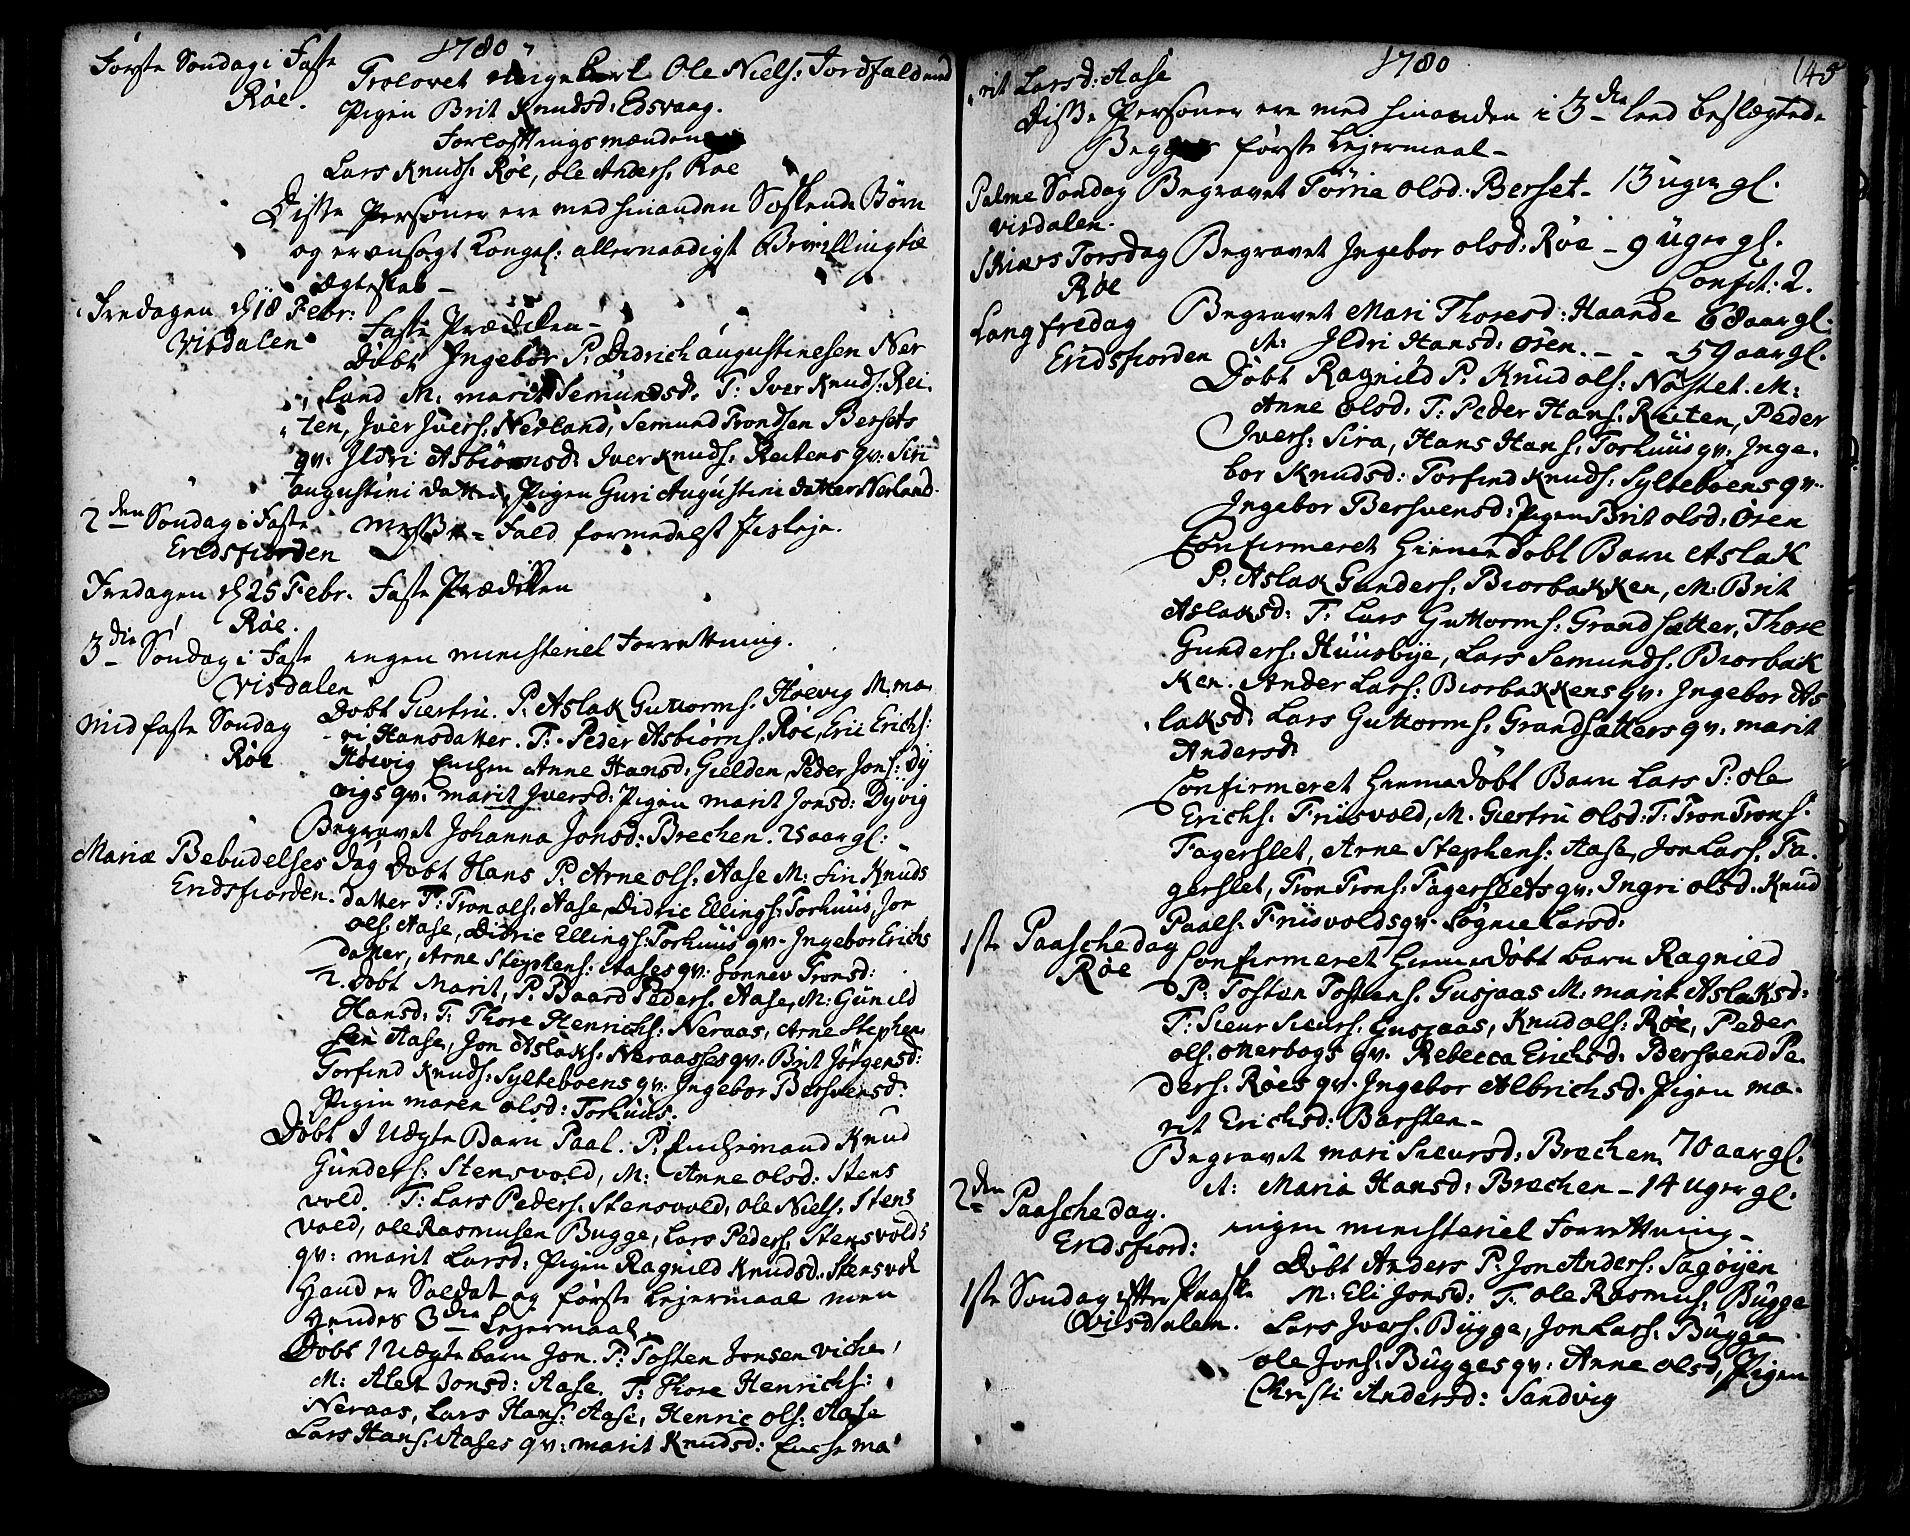 SAT, Ministerialprotokoller, klokkerbøker og fødselsregistre - Møre og Romsdal, 551/L0621: Ministerialbok nr. 551A01, 1757-1803, s. 145